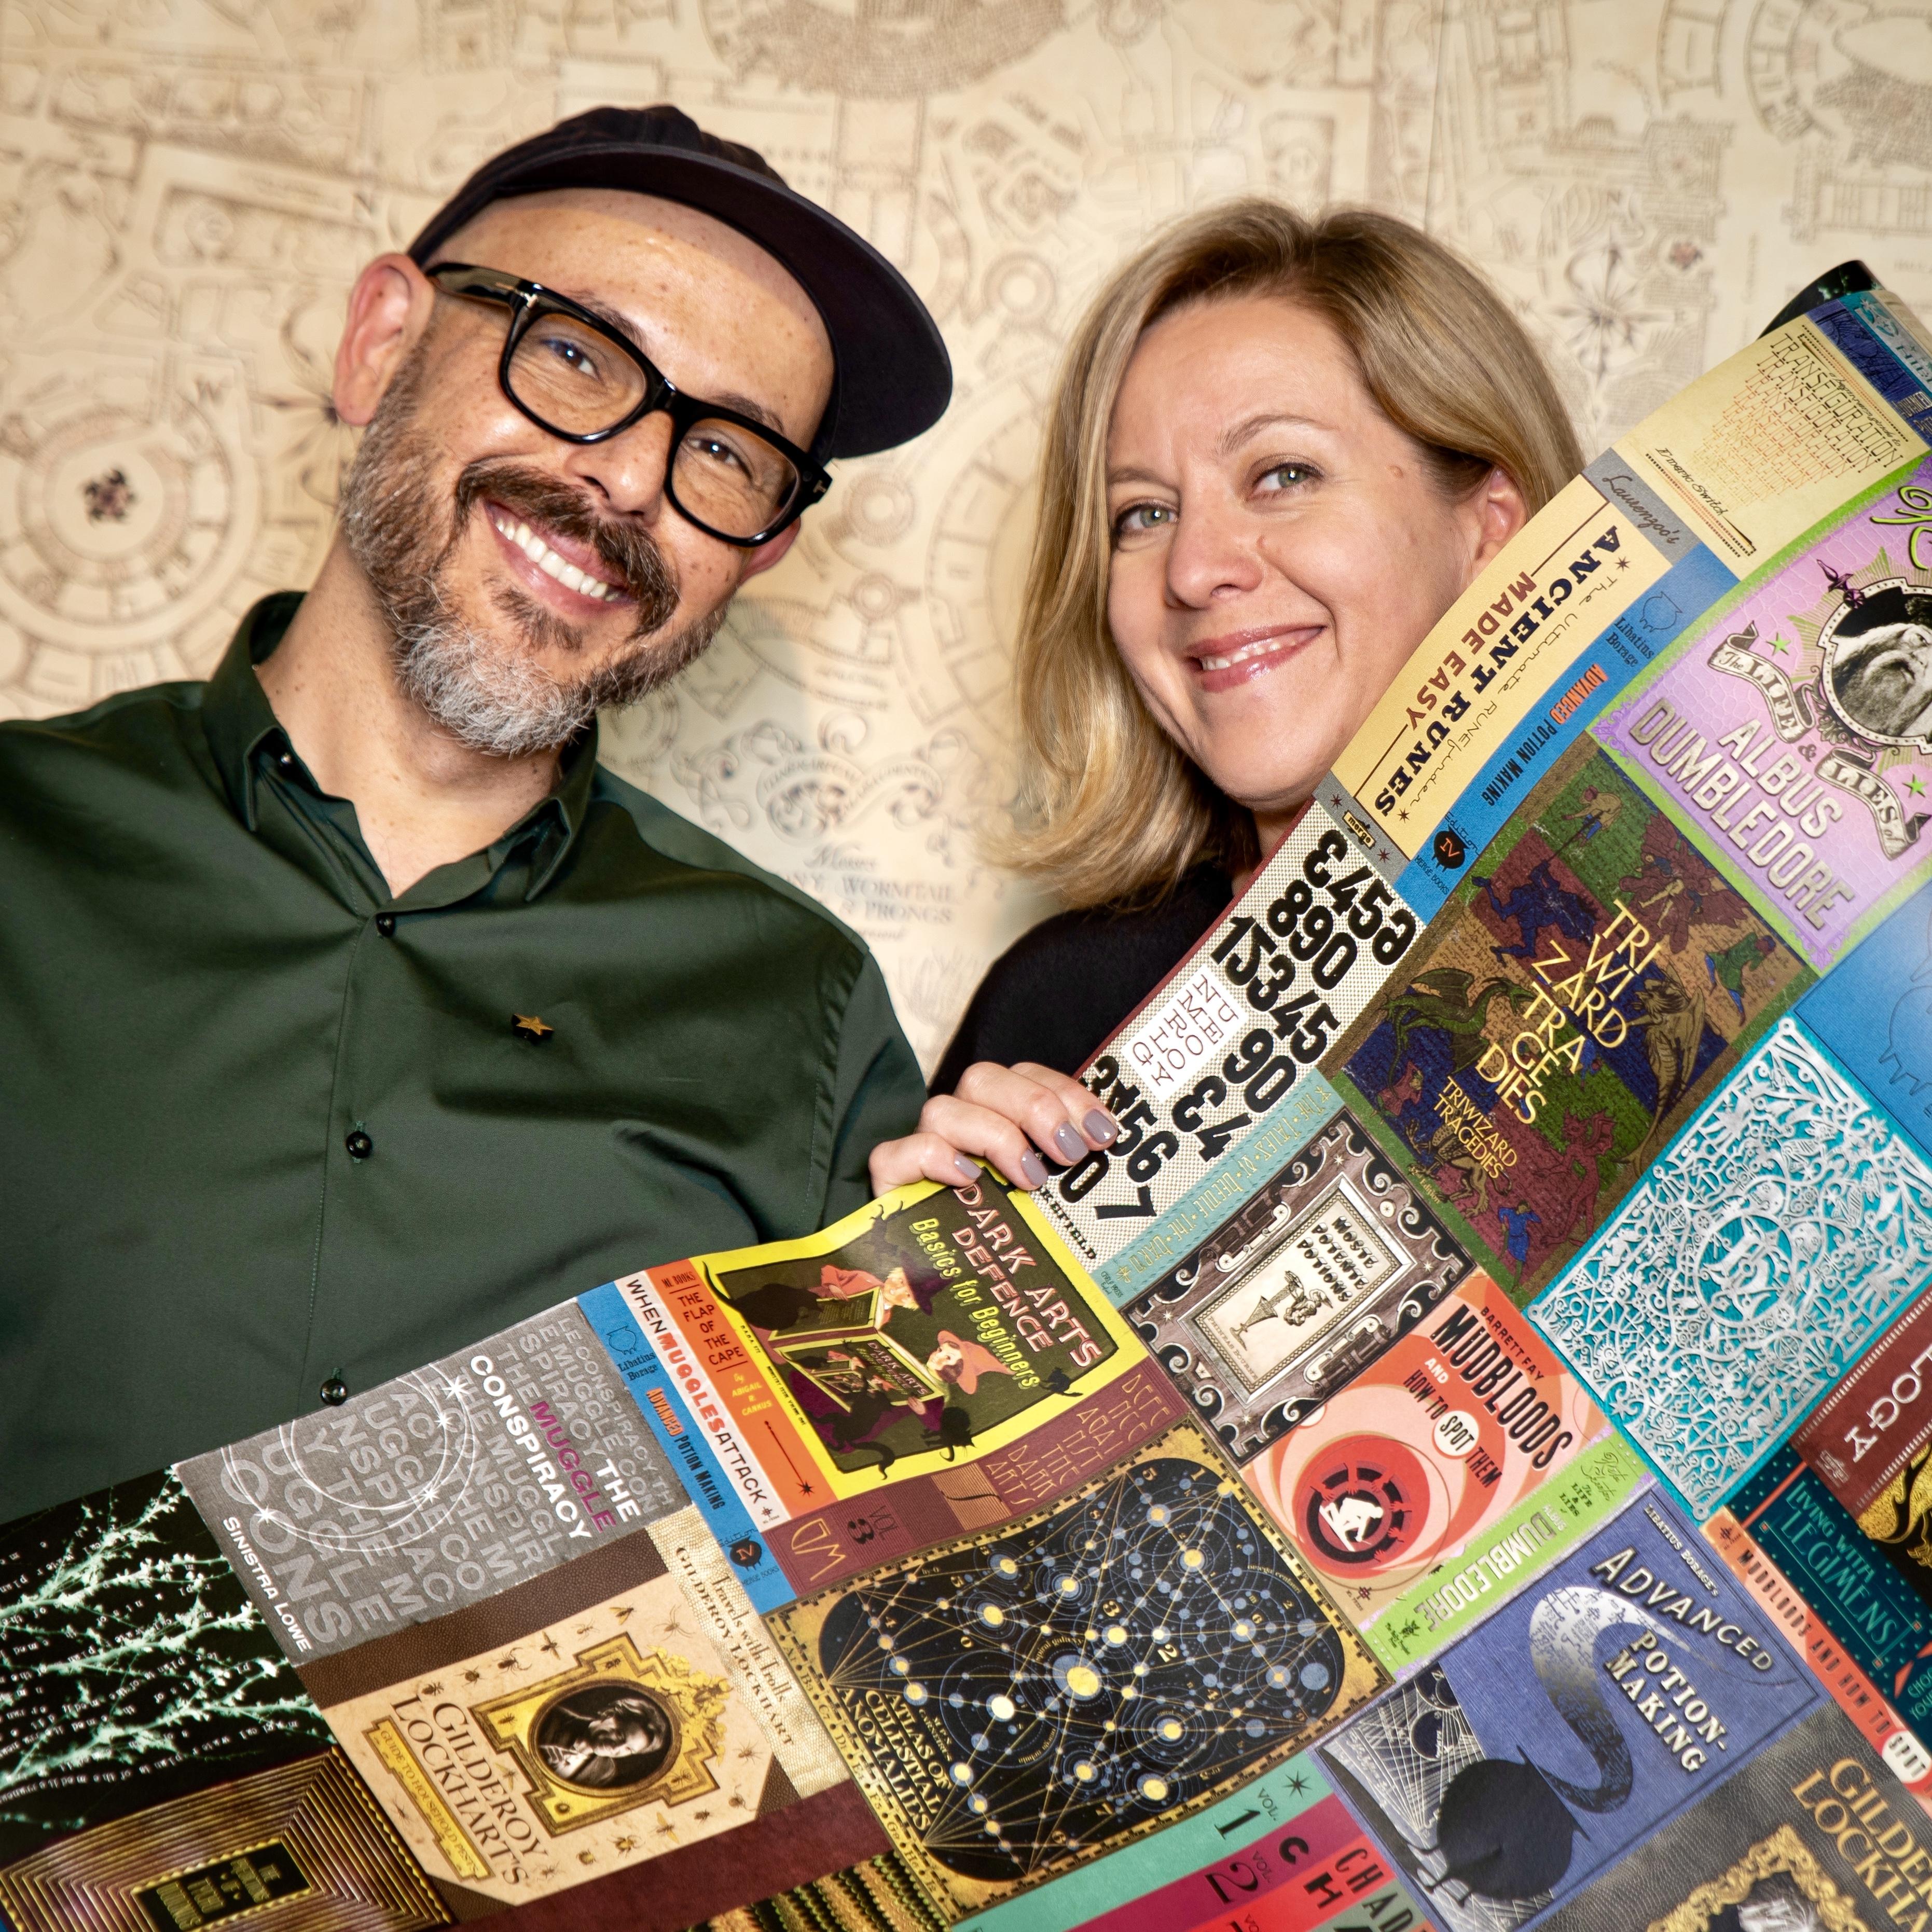 Designers Miraphora Mina and Eduardo Lima show off their wizarding book wallpaper design.